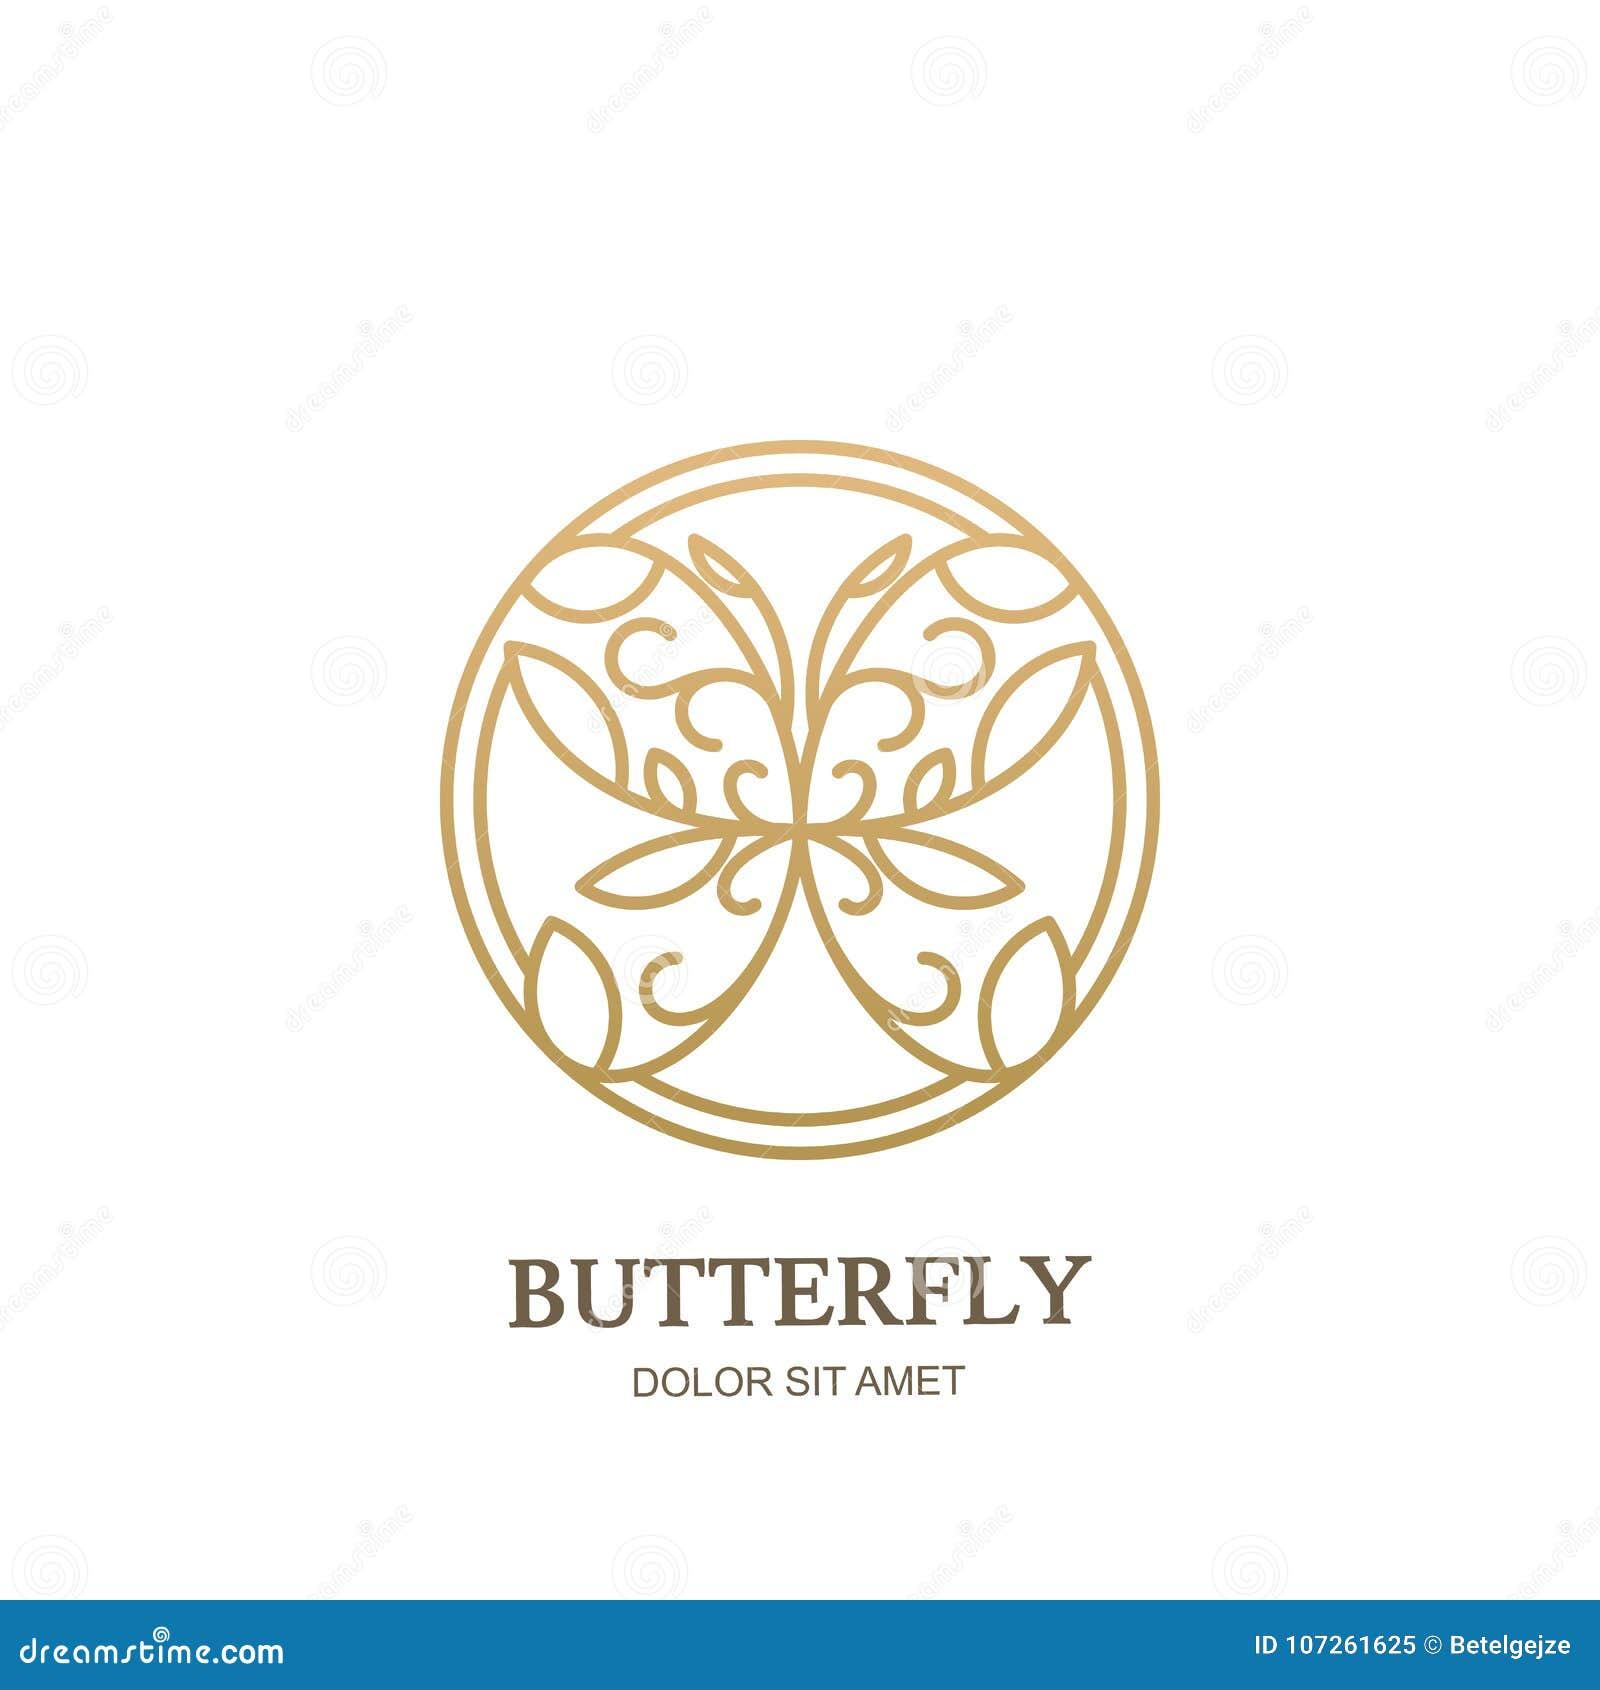 89489ba3ec8 ... de oro del estilo linear en forma del círculo Plantilla abstracta del  diseño moderno El concepto para la joyería de lujo, tienda de los accesorios  ...